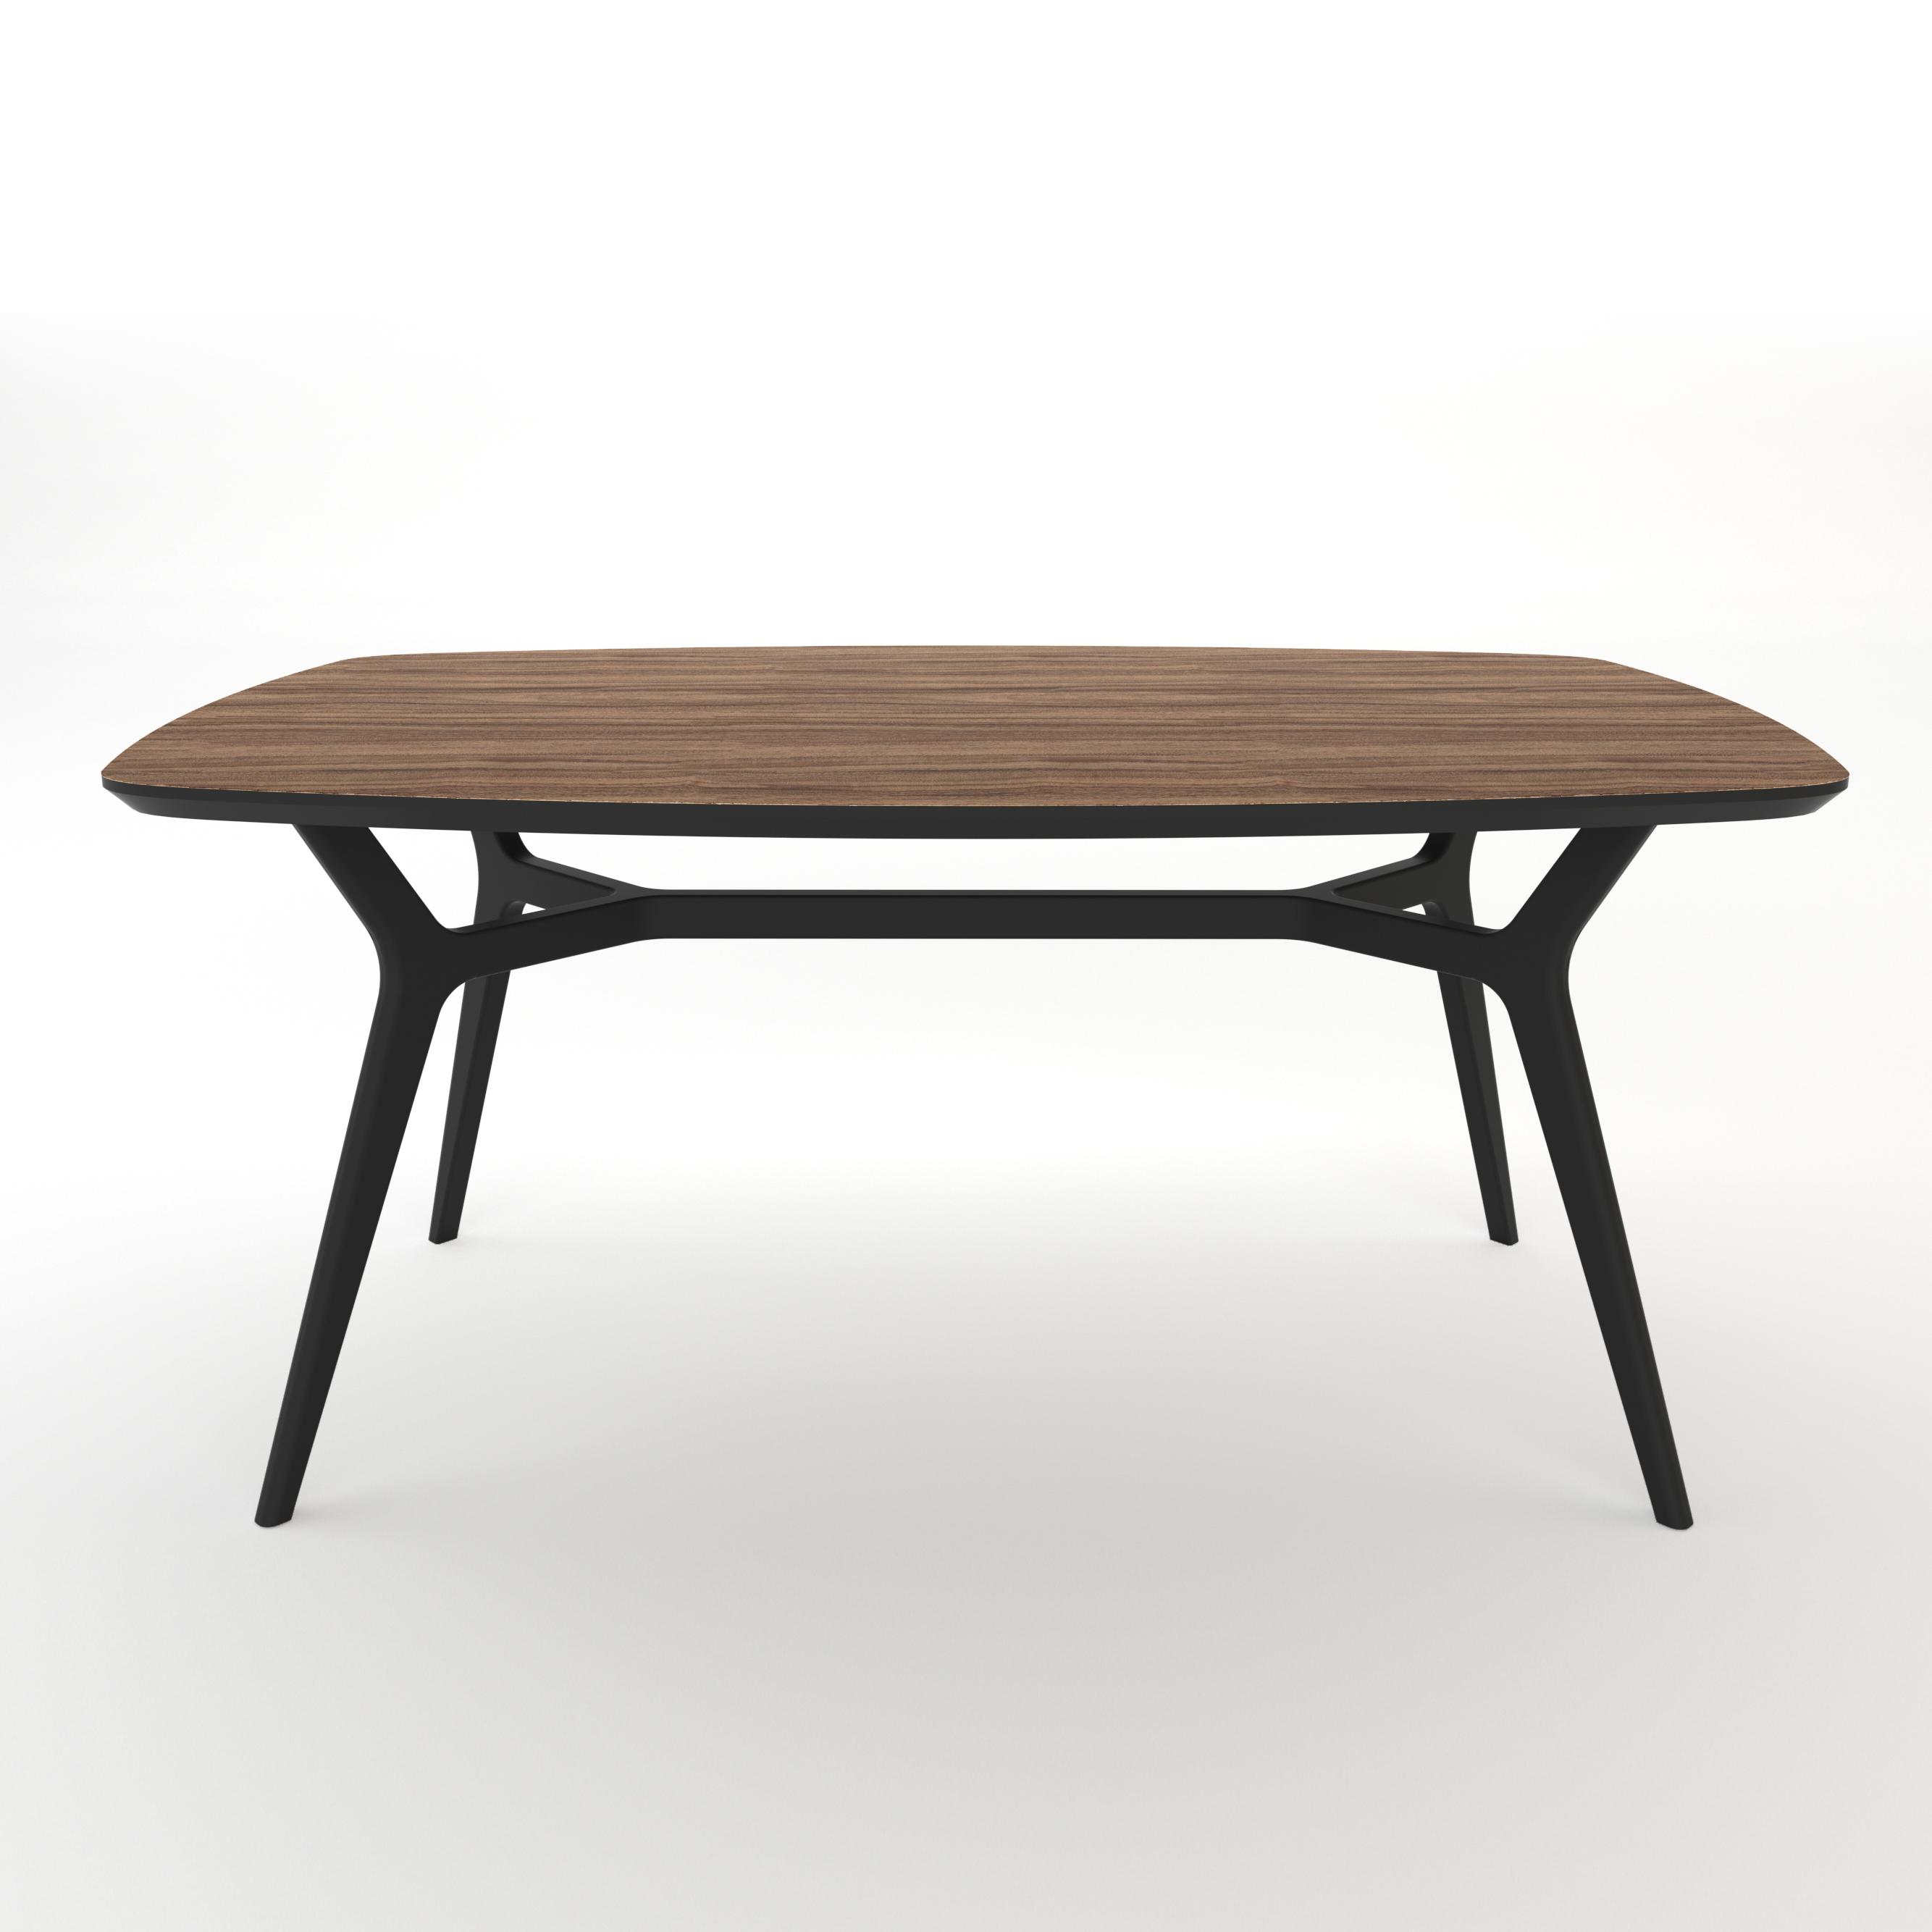 Стол JohannОбеденные столы<br>Тщательная проработка деталей и пропорций стола позволяет ему идеально вписаться в любой интерьер.&amp;lt;div&amp;gt;&amp;lt;br&amp;gt;&amp;lt;/div&amp;gt;&amp;lt;div&amp;gt;Отделка столешницы шпоном дуба, подстолье выкрашено в цвет графит. Сборка не требуется.&amp;lt;/div&amp;gt;<br><br>Material: МДФ<br>Width см: 160<br>Depth см: 100<br>Height см: 75